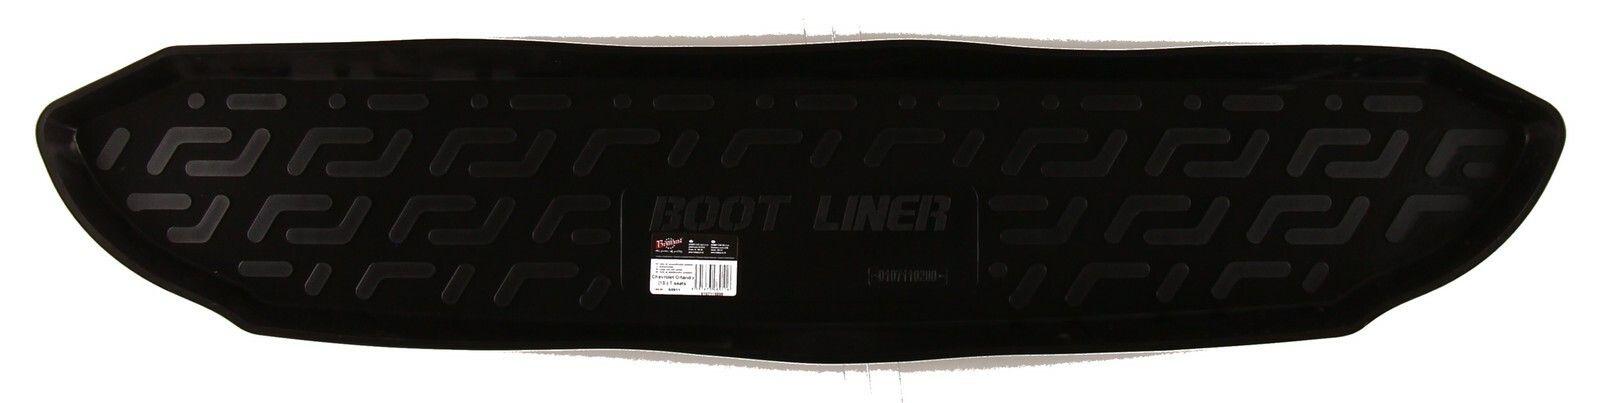 Vana do kufru plastová Chevrolet Orlando (J309) (7-sedadel) (10-) SIXTOL